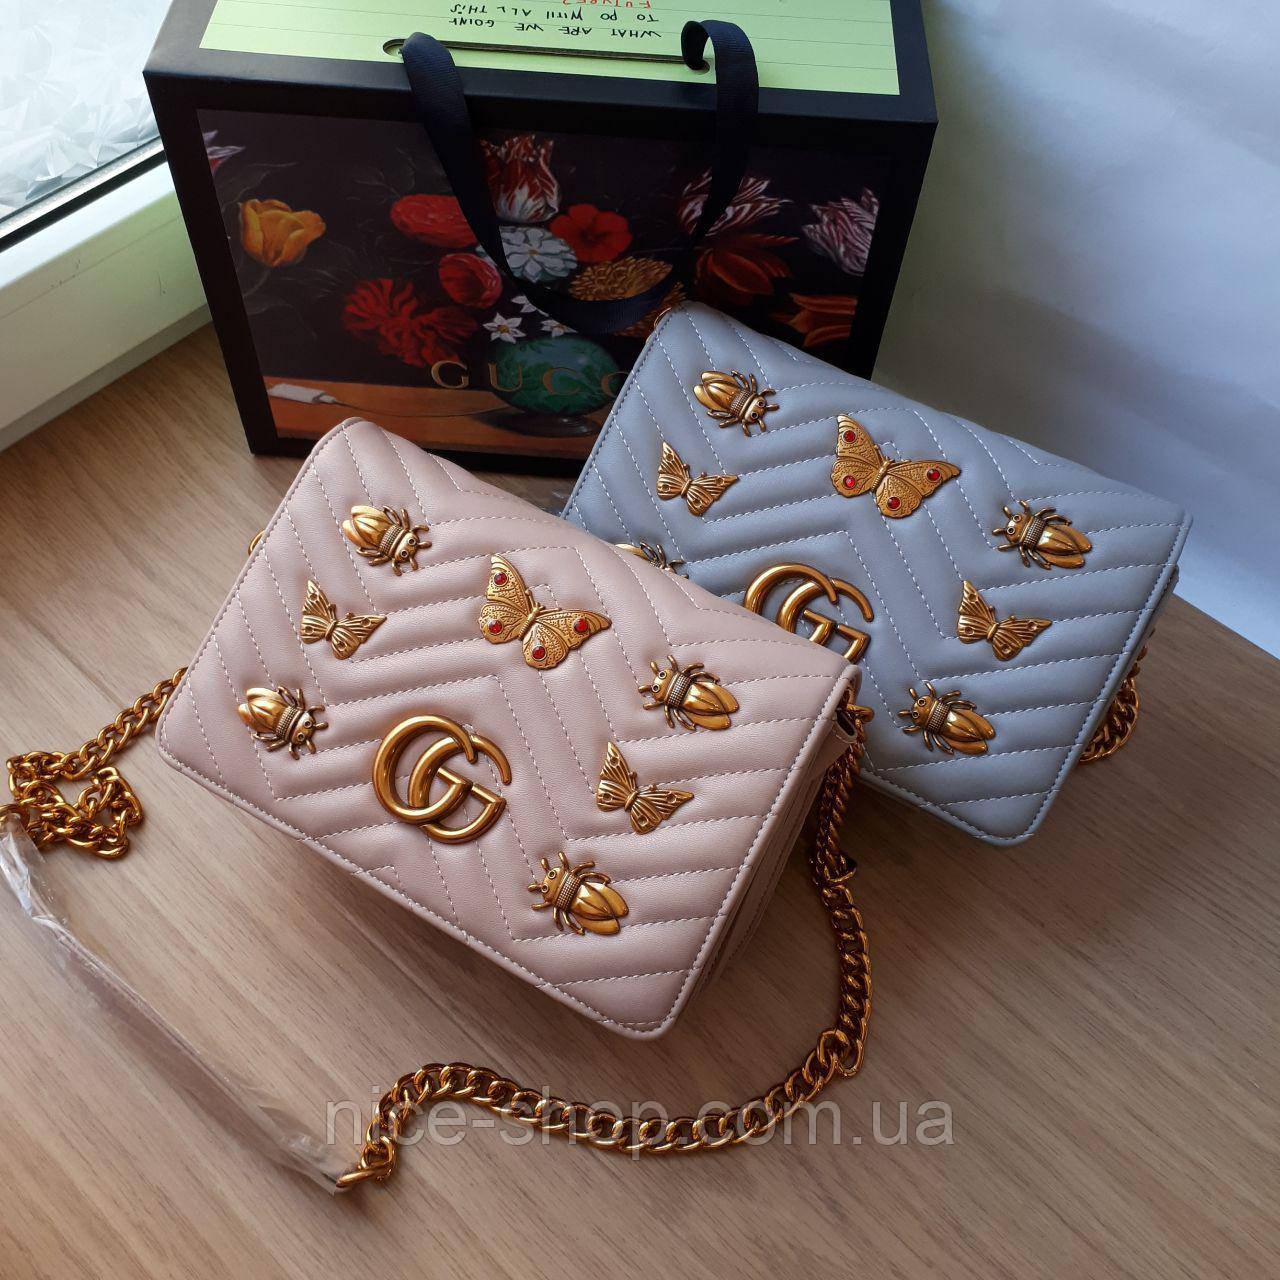 Сумочка  Gucci пудрово-бежевая с бабочками